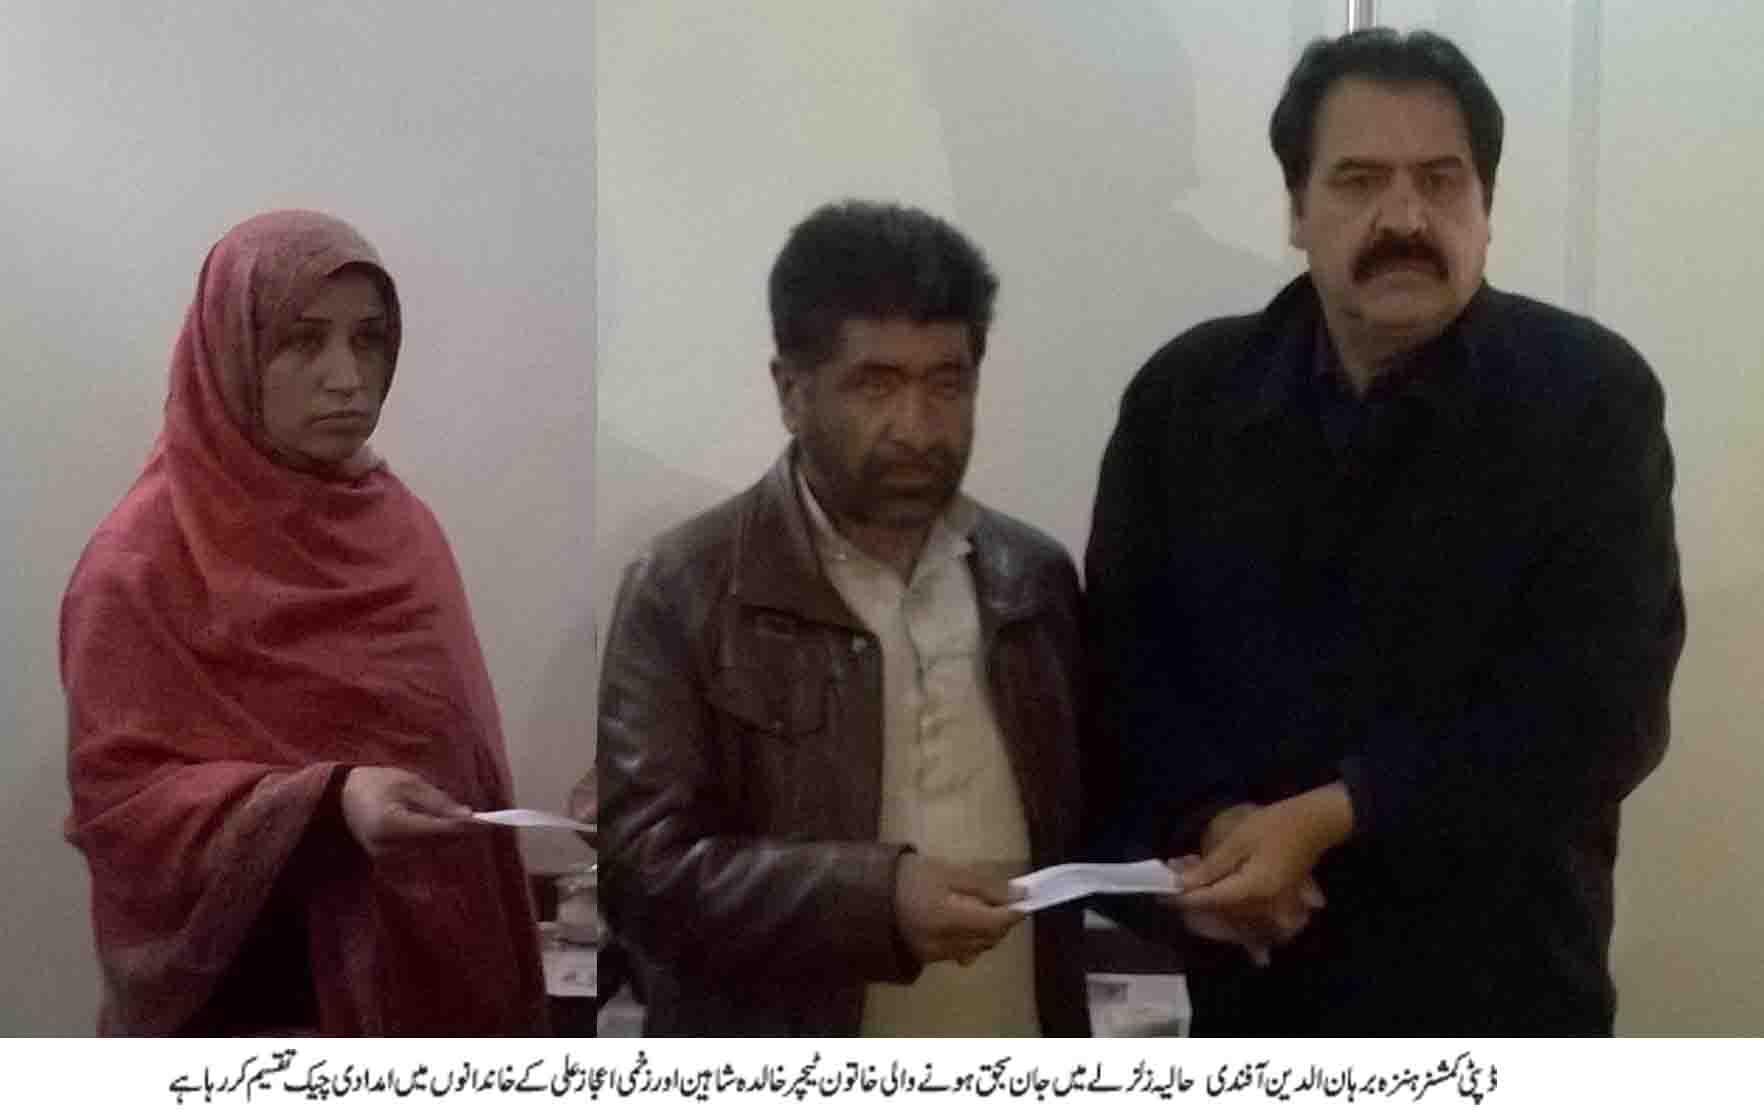 ڈپٹی کمشنر ہنزہ  نے زلزلہ کے دوران جان بحق ہونے والی خاتون اور زخمی والے شخص کے گھر والوں کو معاوضے کے چیک دے دئیے